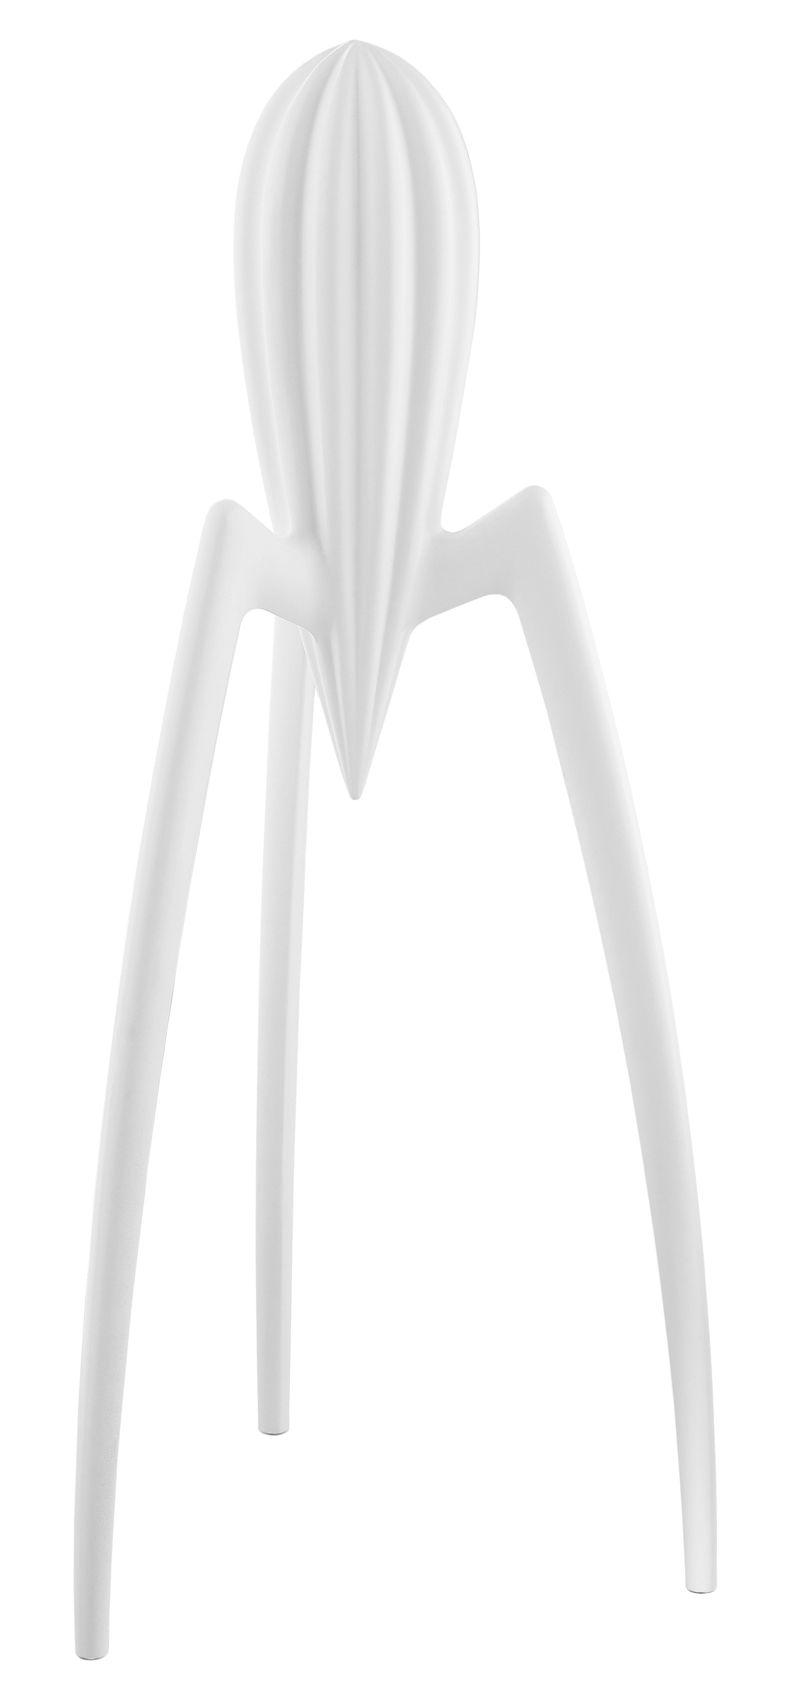 Cuisine - Ustensiles de cuisines - Presse-agrumes Juicy salif - Alessi - Blanc - Fonte d'aluminium